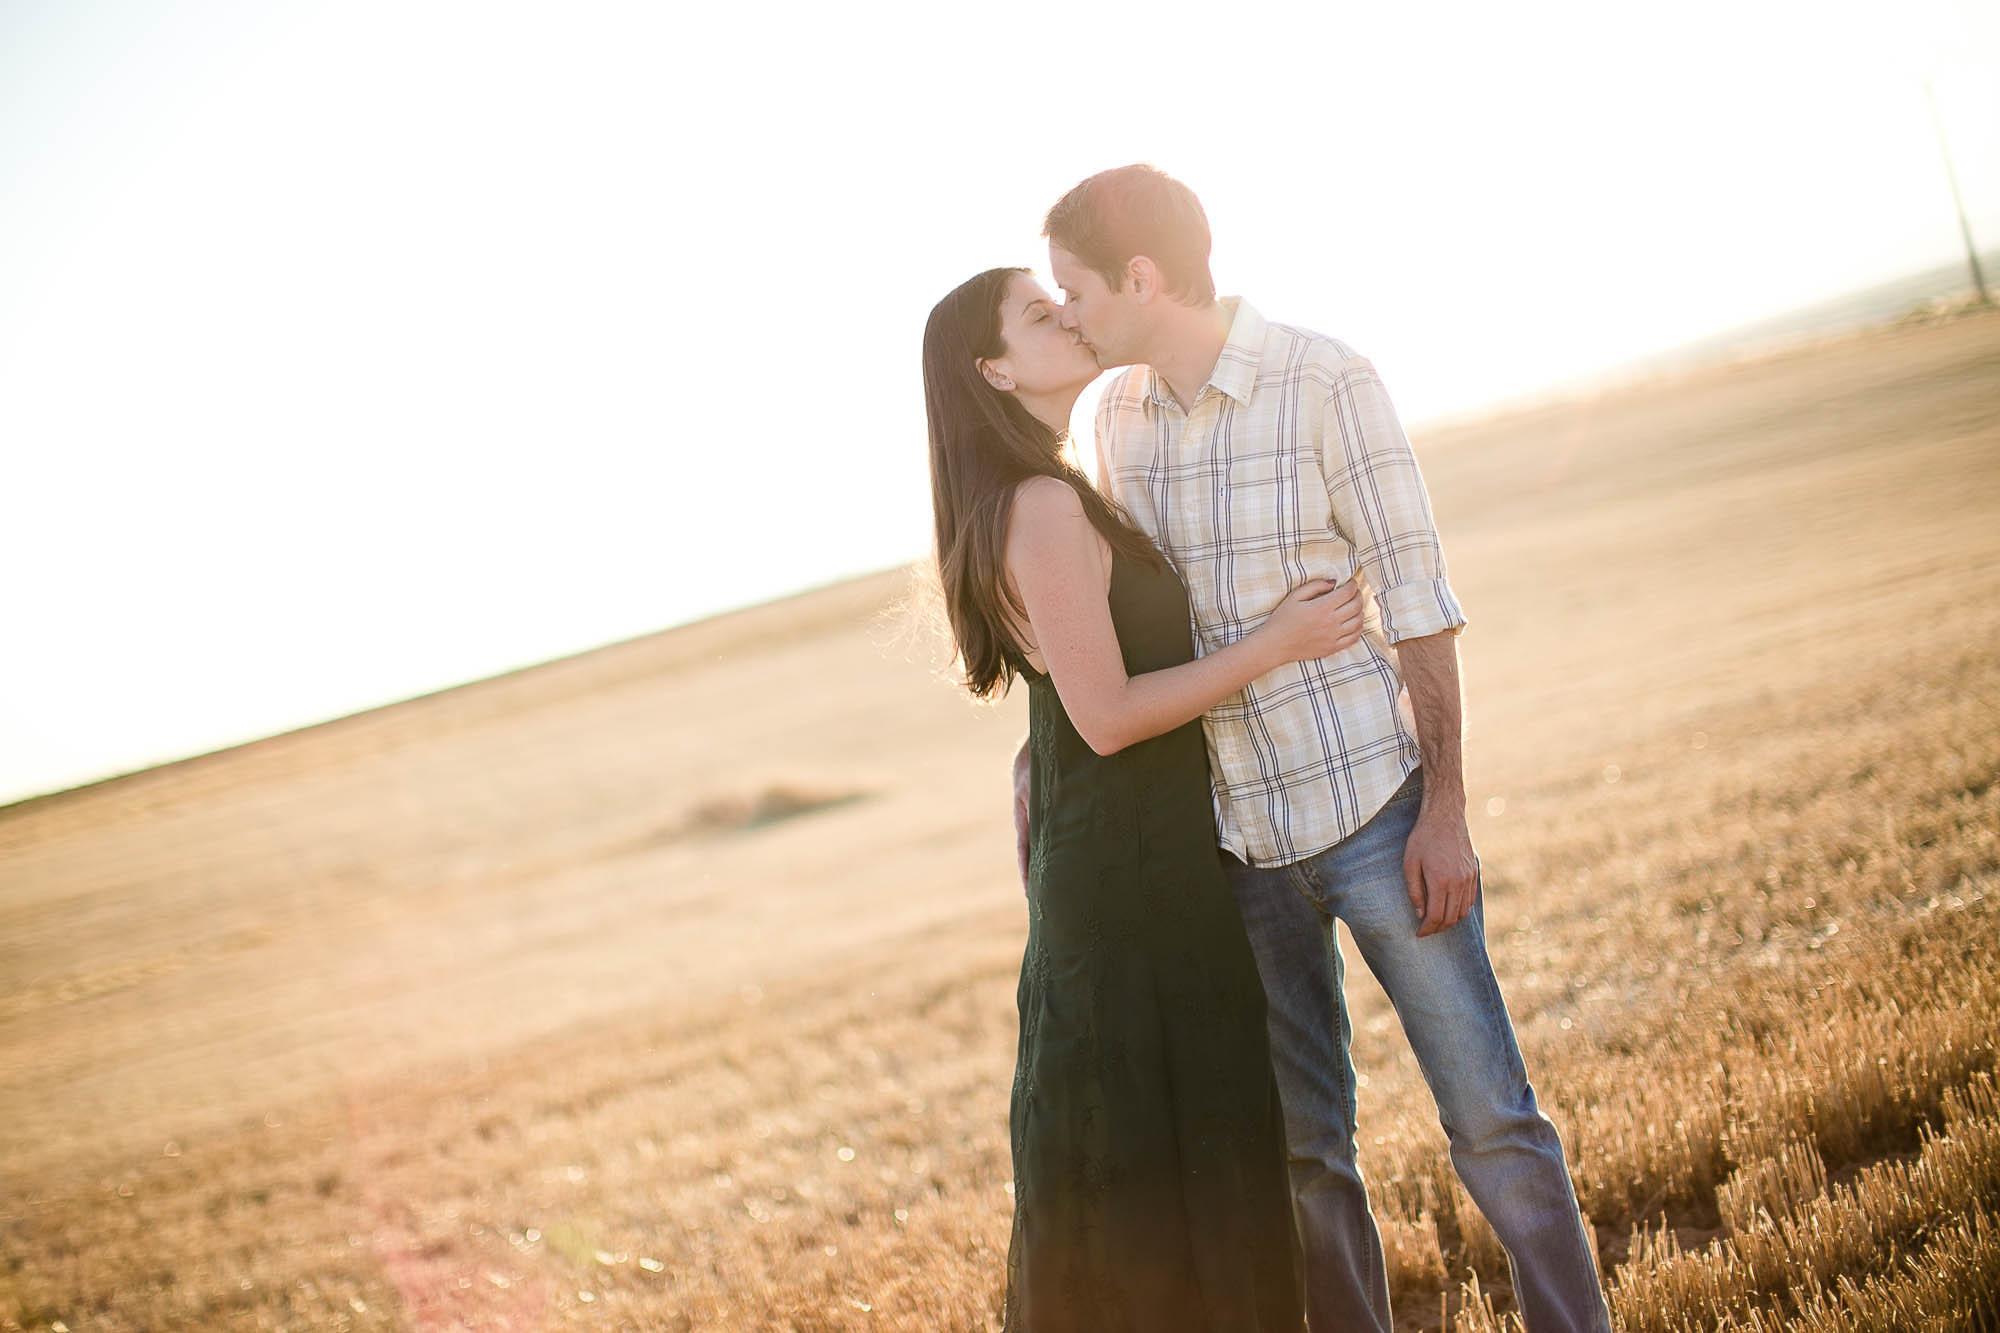 Los novios se abrazan y besan en un atardecer en medio de un campo de trigo